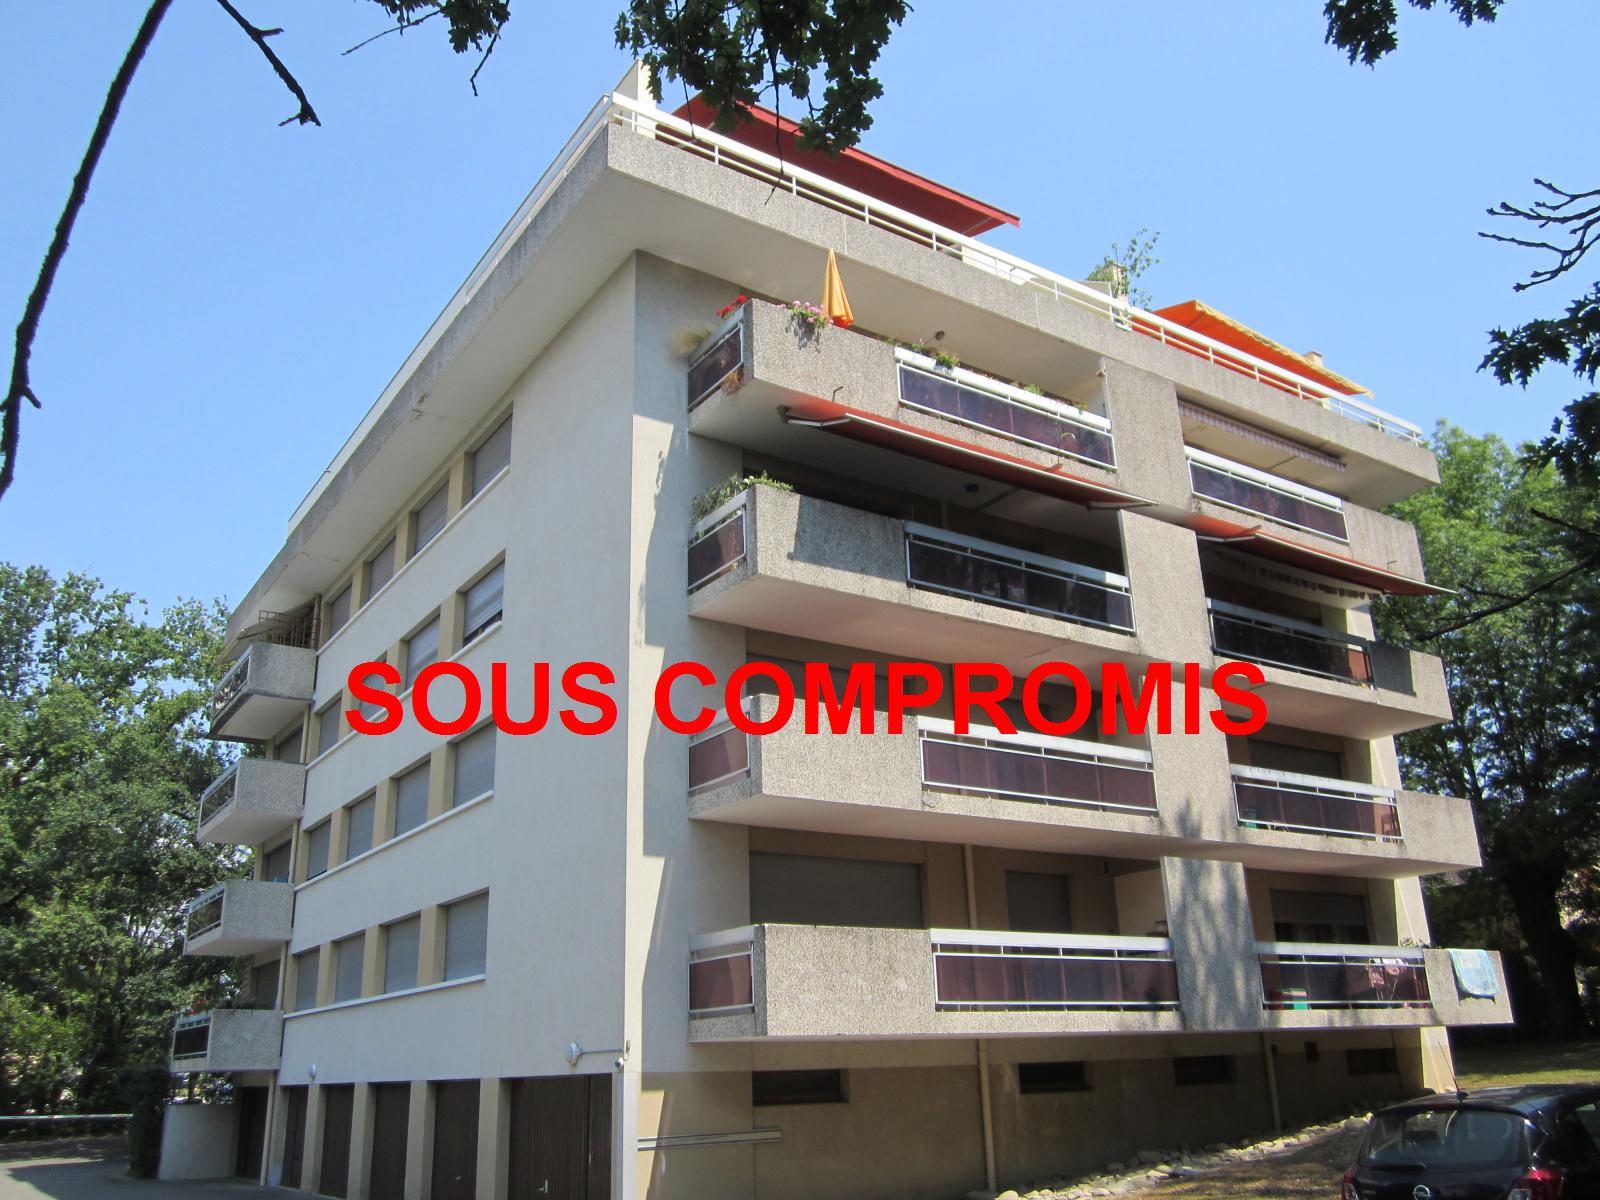 EXCLUSIVITE St Julien-en-Genevois centre Appartement T3 de 71 m² avec balcon de 13,32 m²... SOUS COMPROMIS